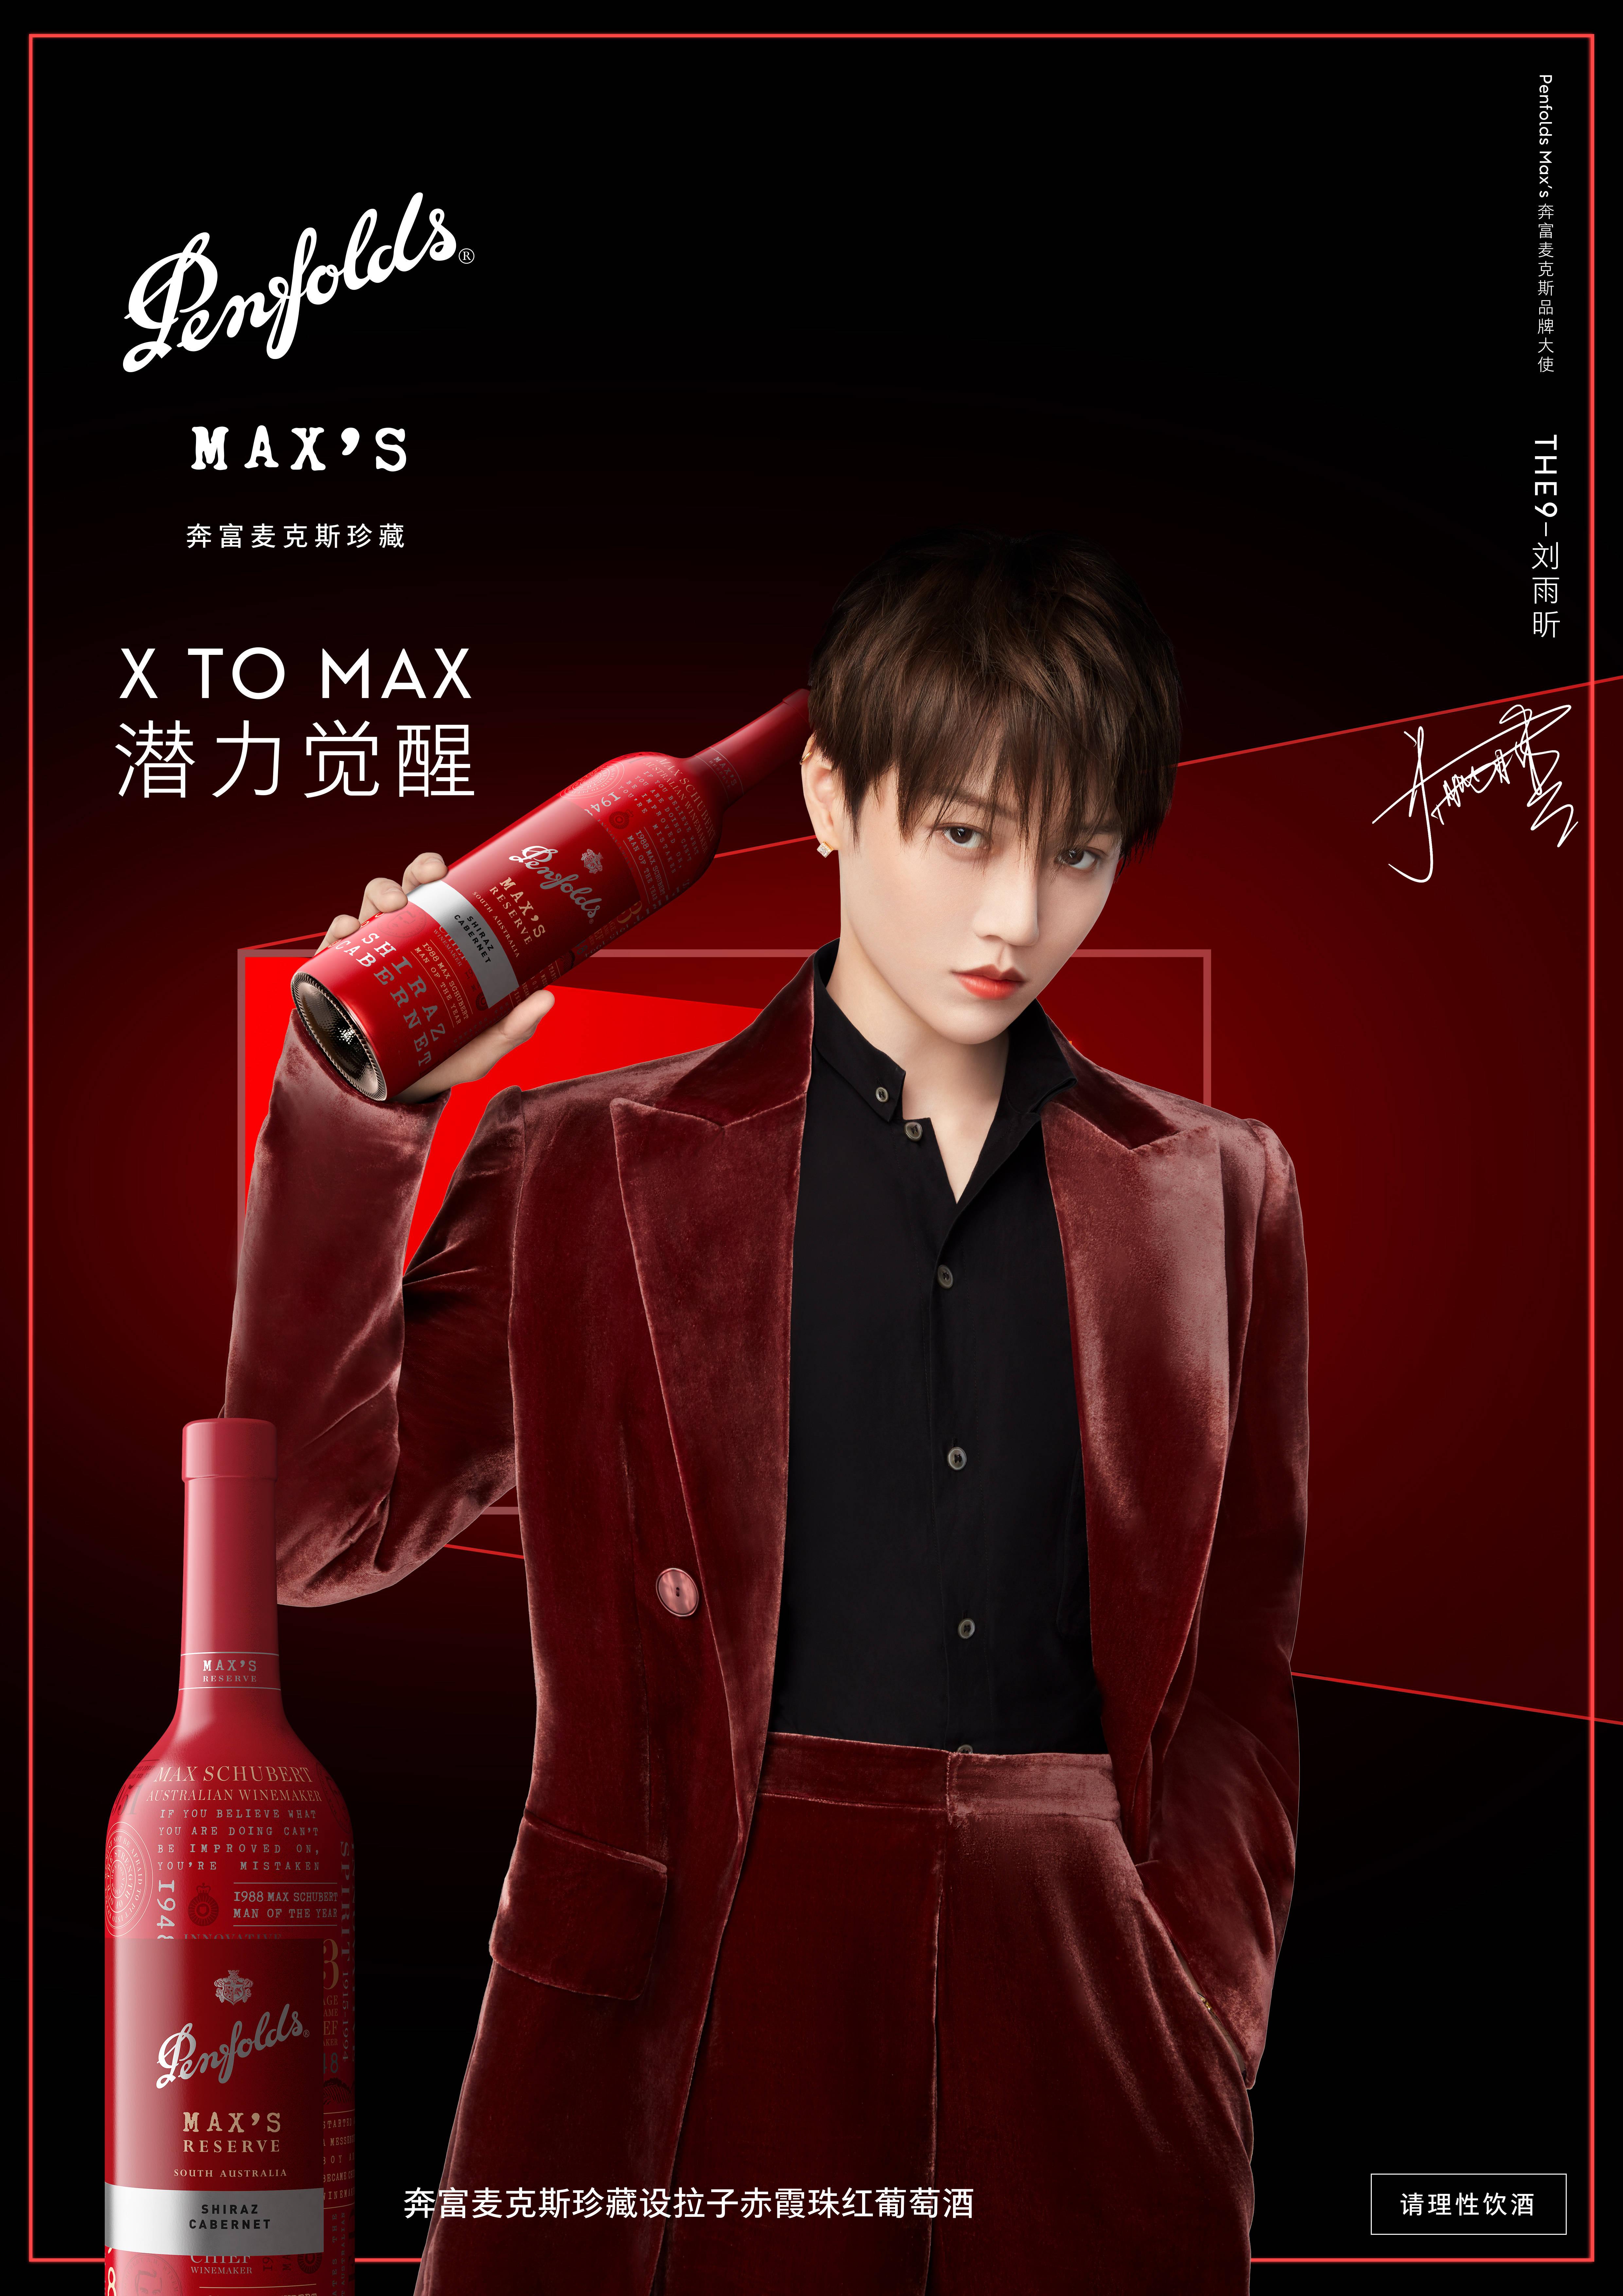 THE9-刘雨昕担任奔富麦克斯品牌大使——热力诠释X to Max潜力觉醒品牌精神